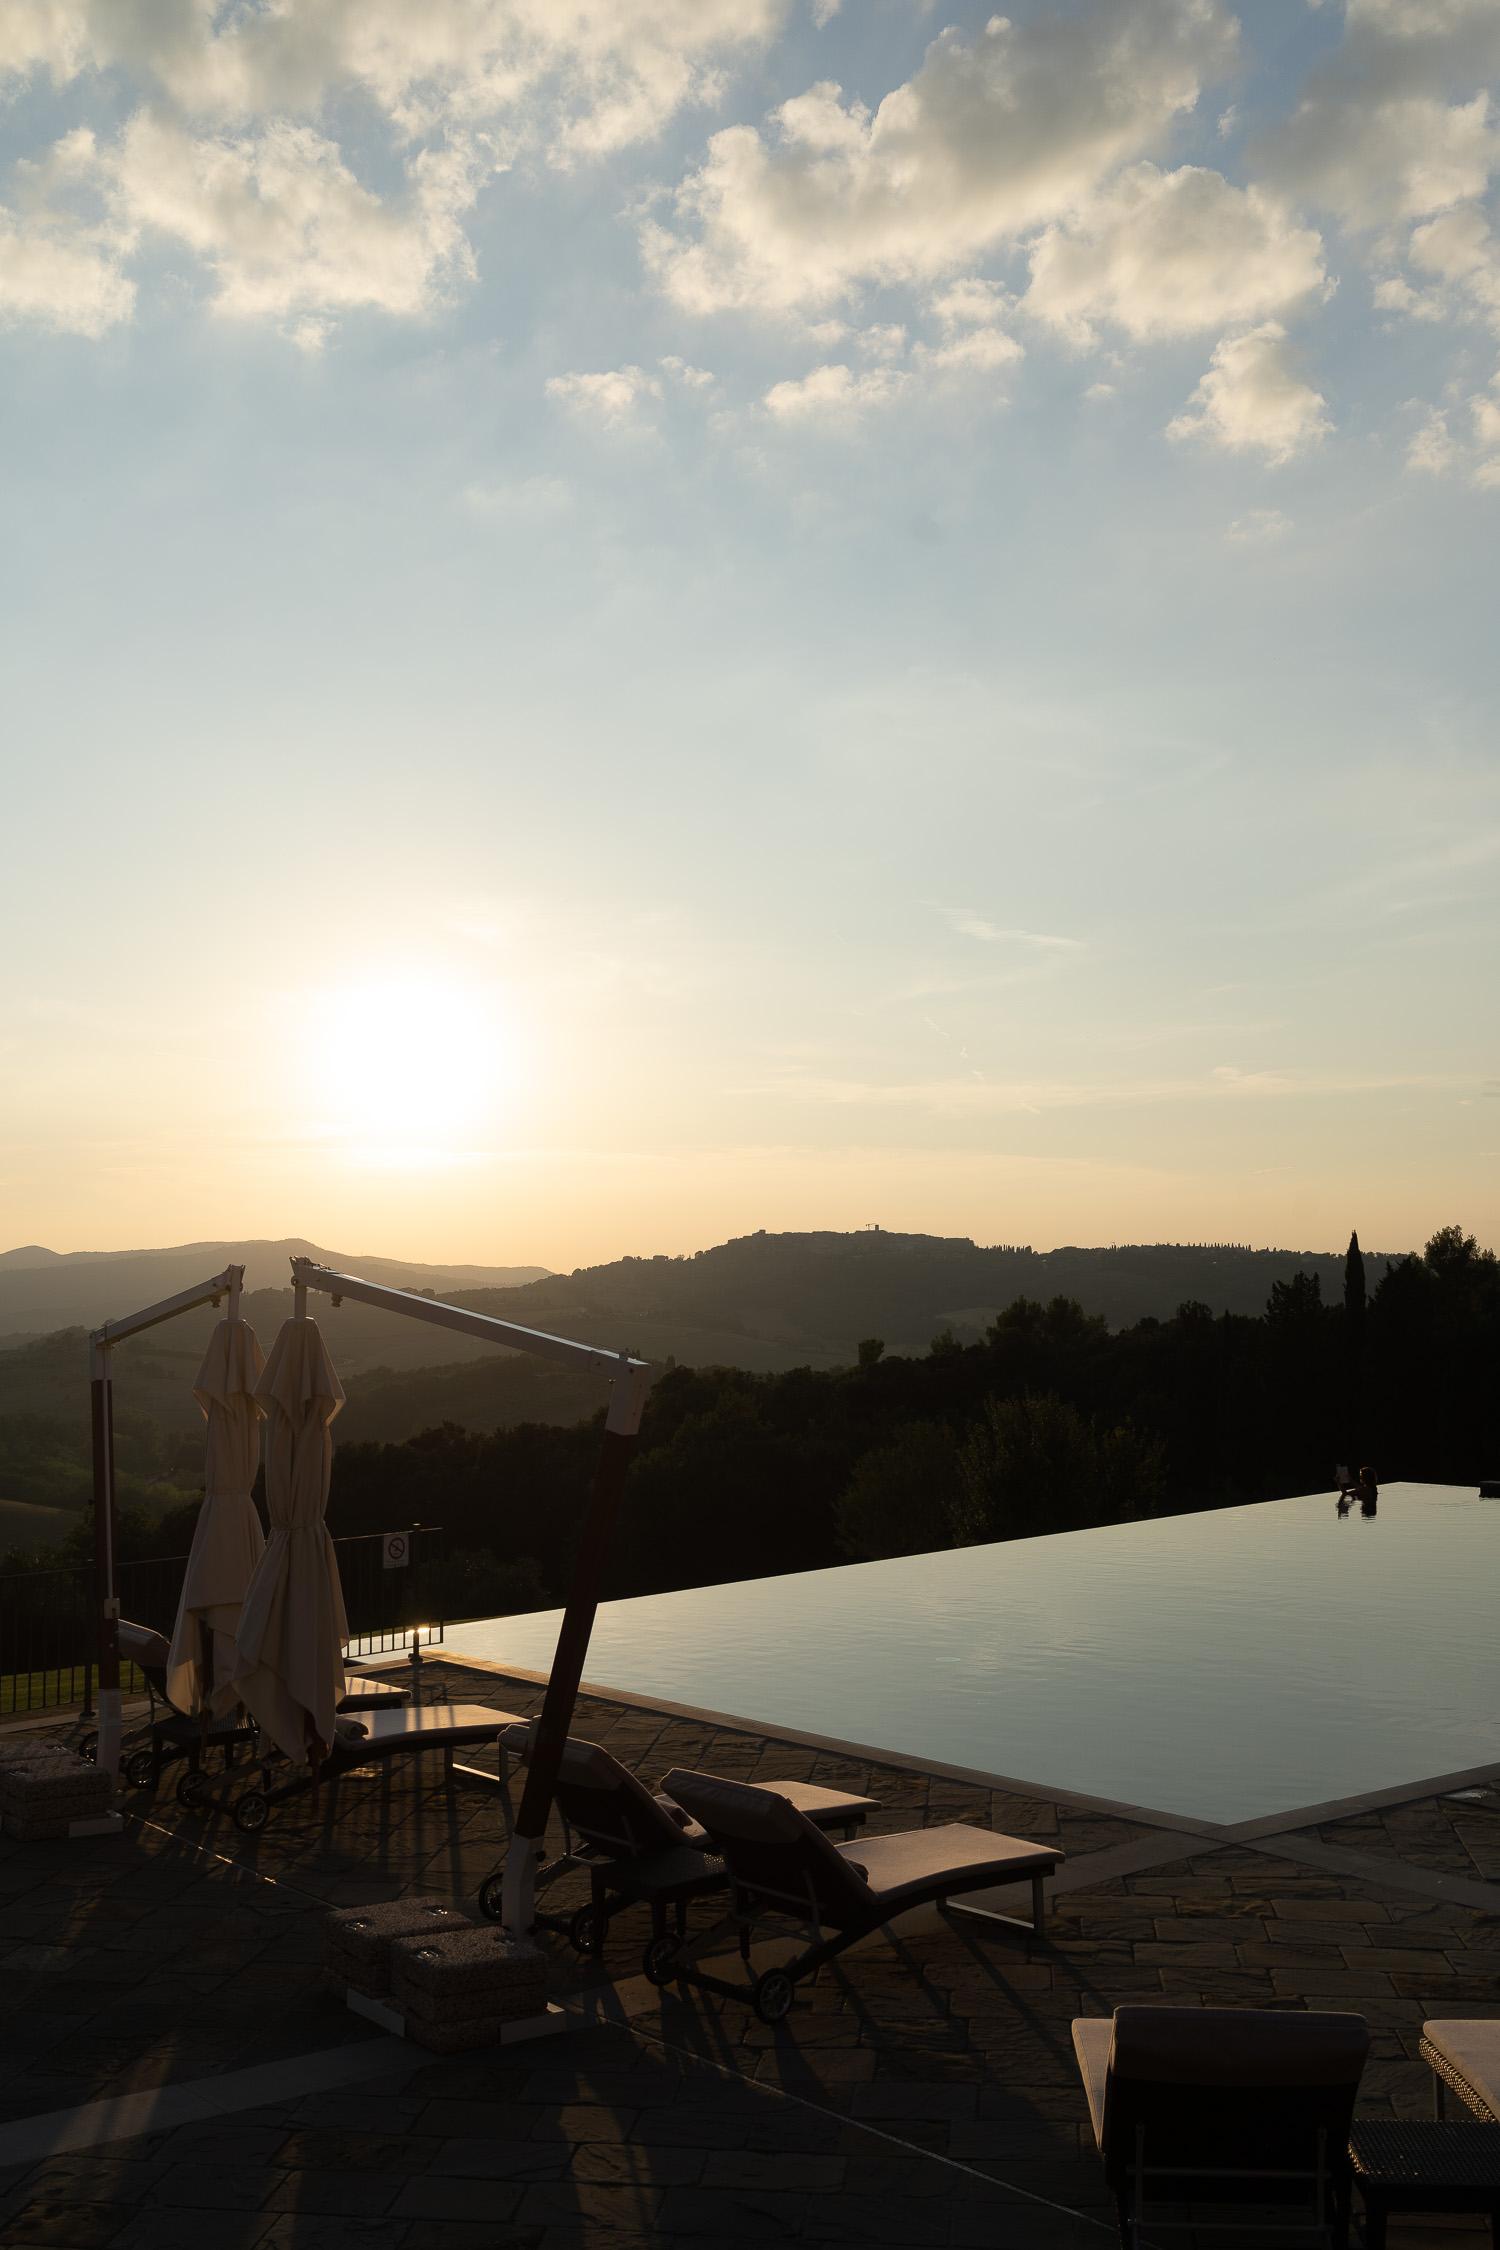 Tuscany-Castello-di-Casole-dElsa-swimmingpool-01858.jpg